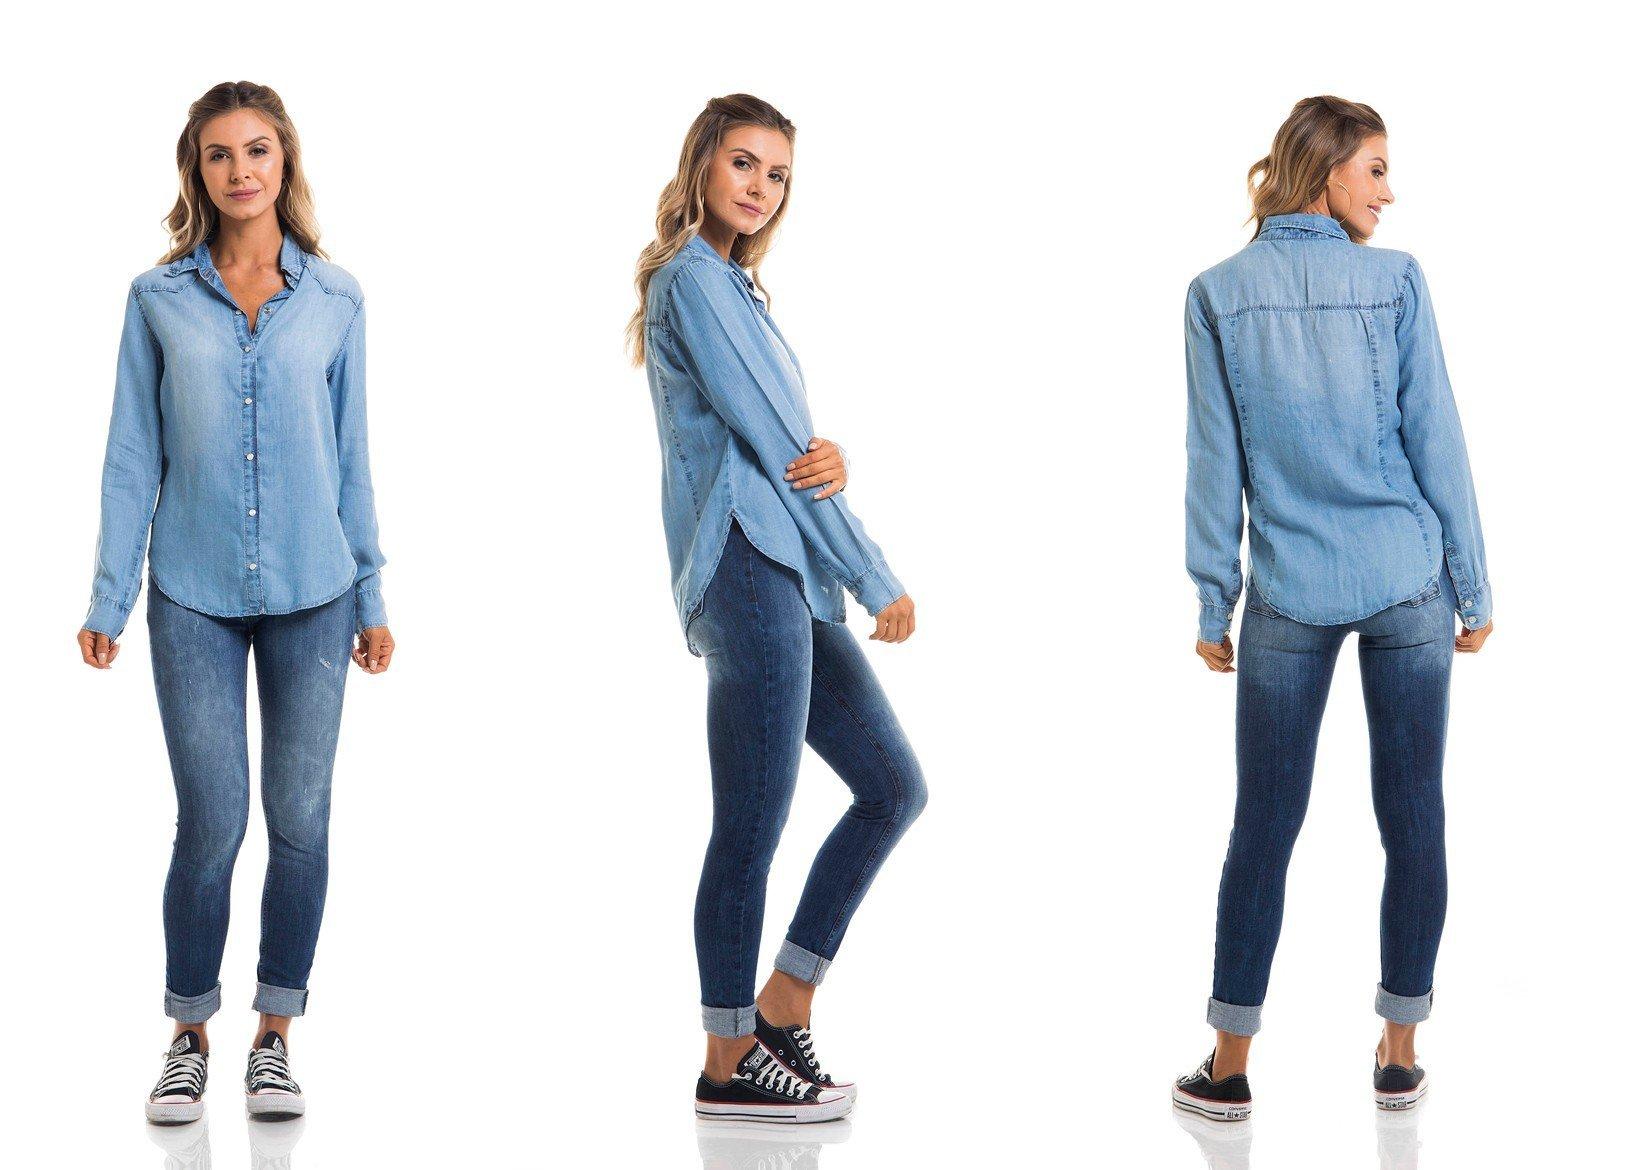 dz11122 camisa ml solta tripla